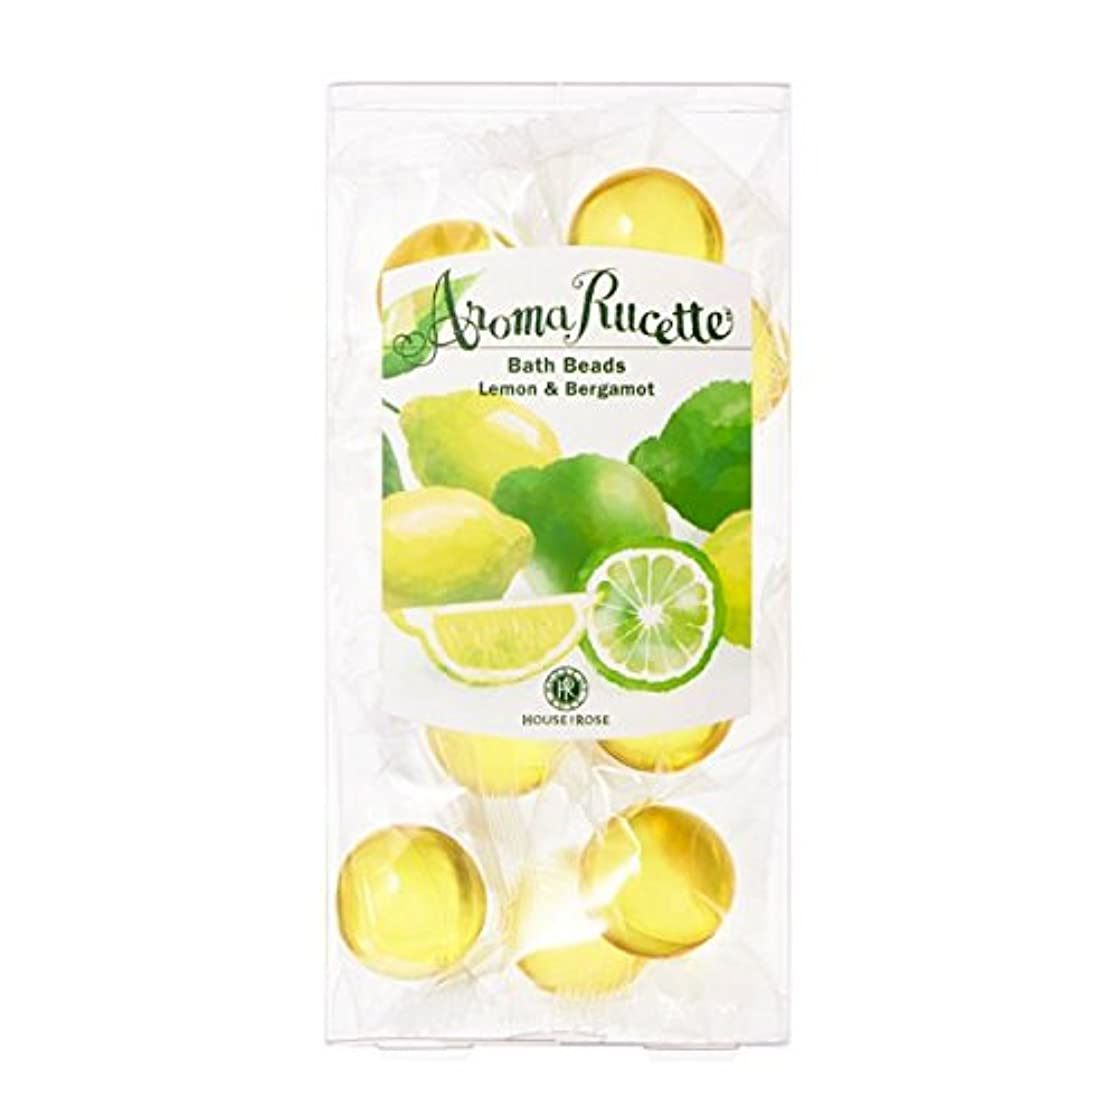 トラクター未満カートハウスオブローゼ アロマルセット バスビーズ 7g×11個 (レモン&ベルガモットの香り)